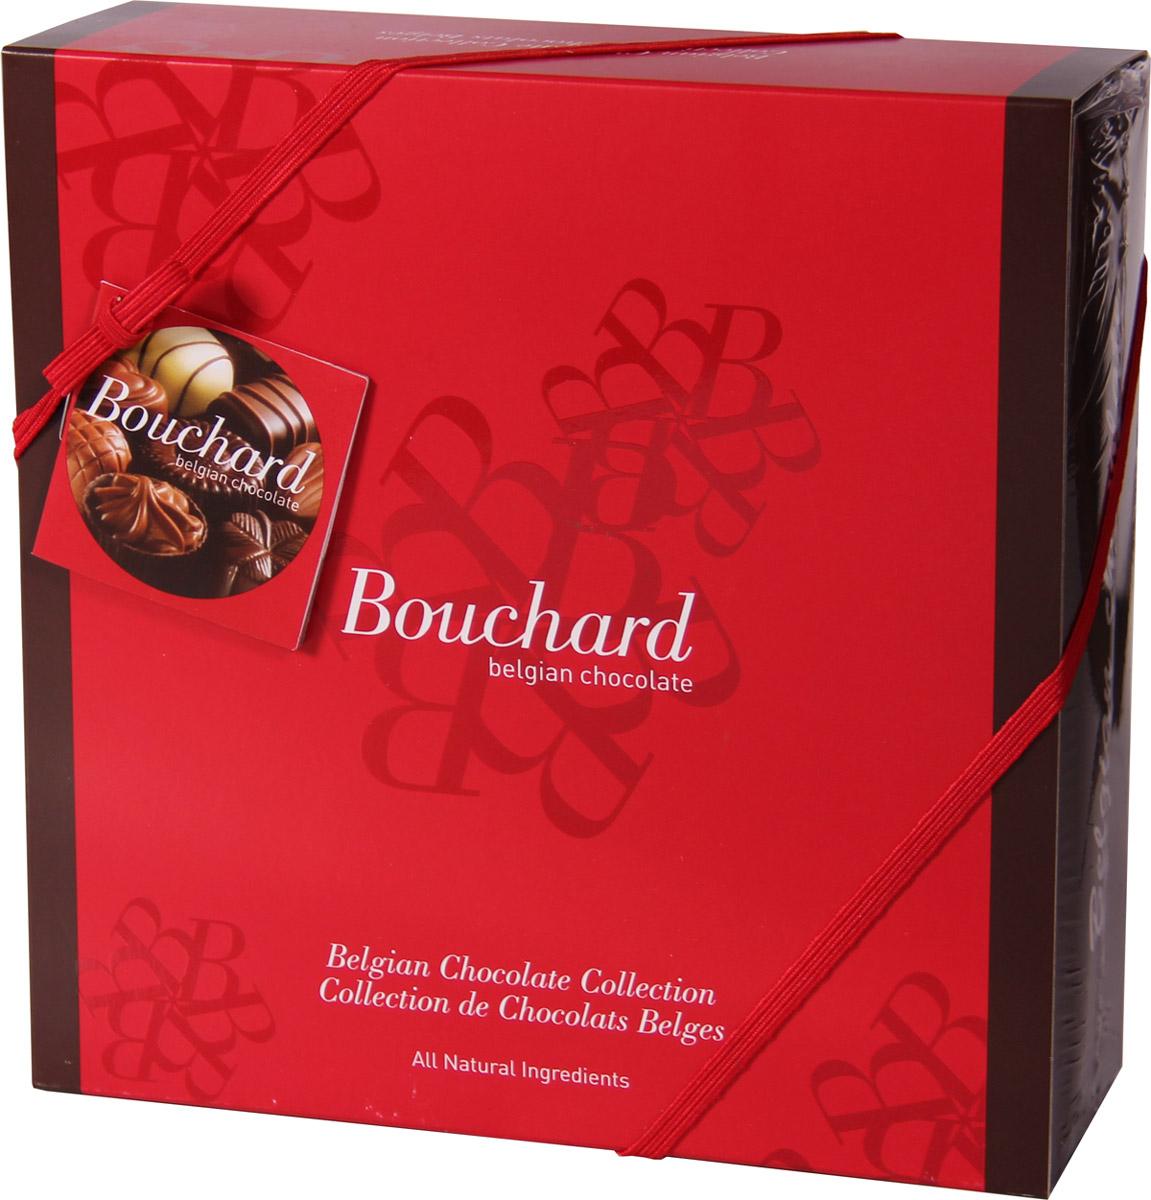 Bouchard Ассорти Премиум Бельгийская Шоколадная коллекция, 500 г50580102Премиальная Бельгийская Шоколадная коллекция